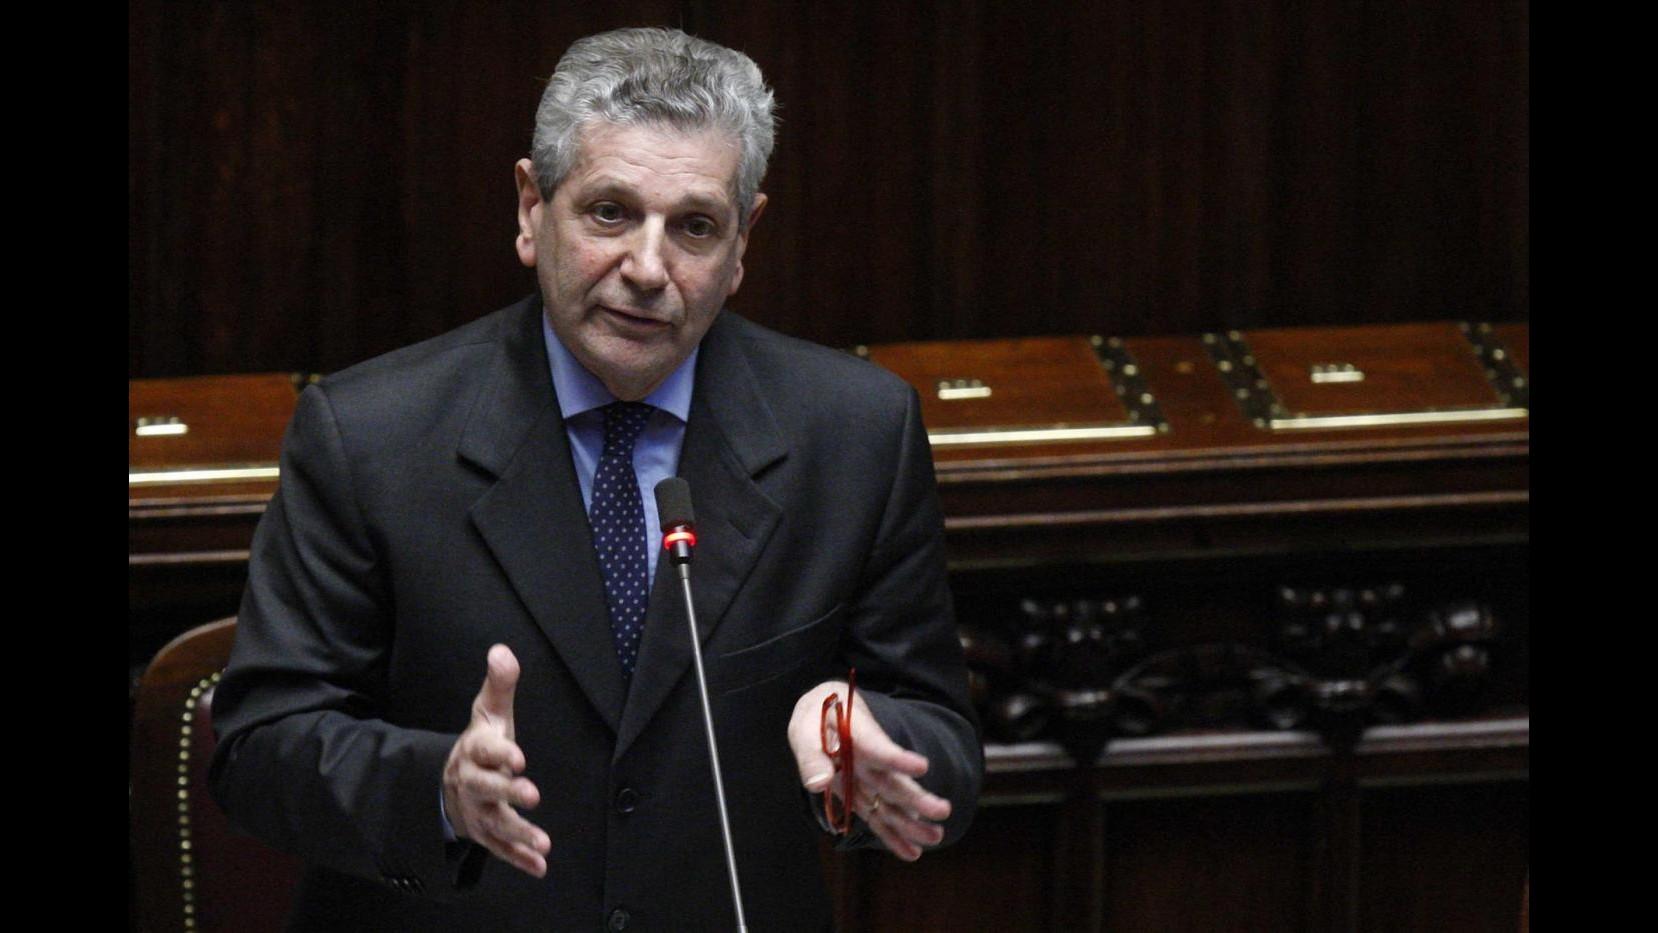 Crisi, Di Paola: Vinceremo anche questa sfida, italiani sanno reagire